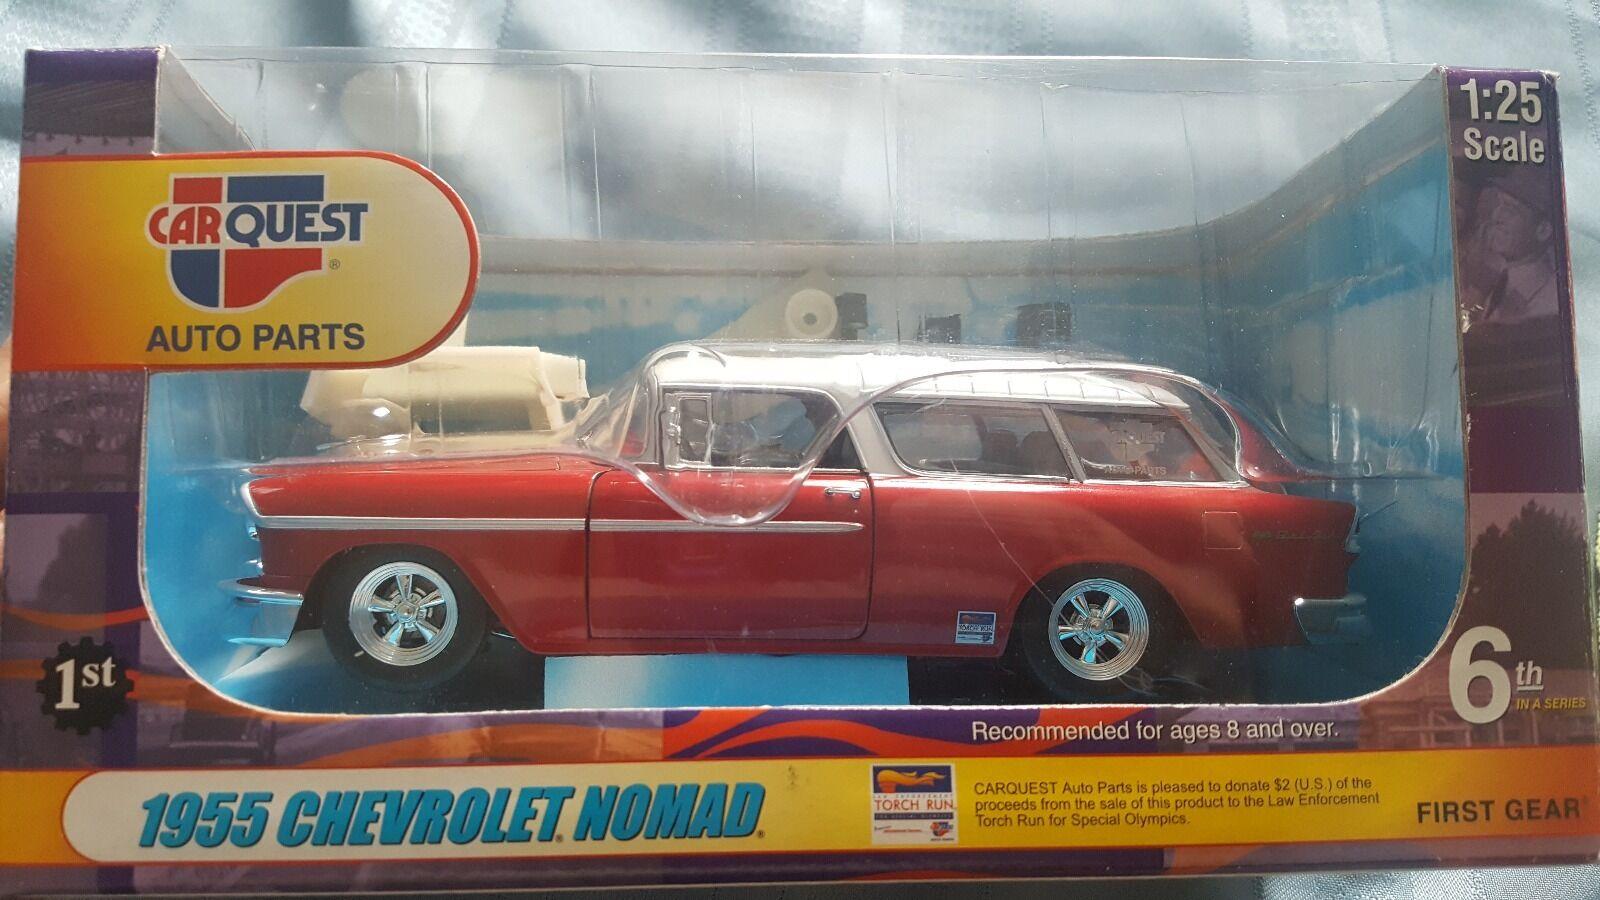 1955 Chevrolet Nomad, First Gear 1 25 Die Cast modelllllerler bilquest bil Pkonsts